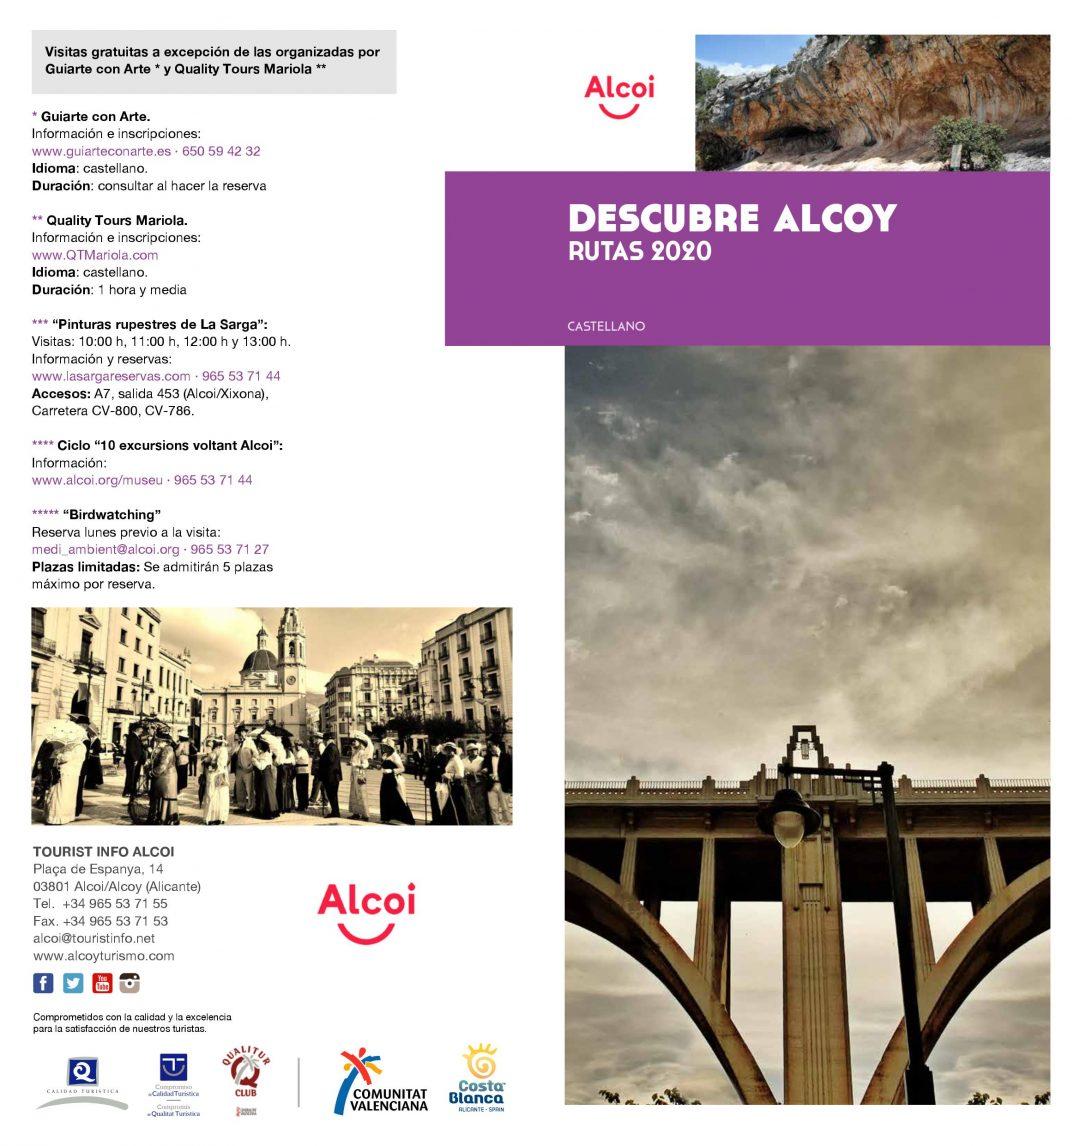 Descubre Alcoy. Rutas 2020.